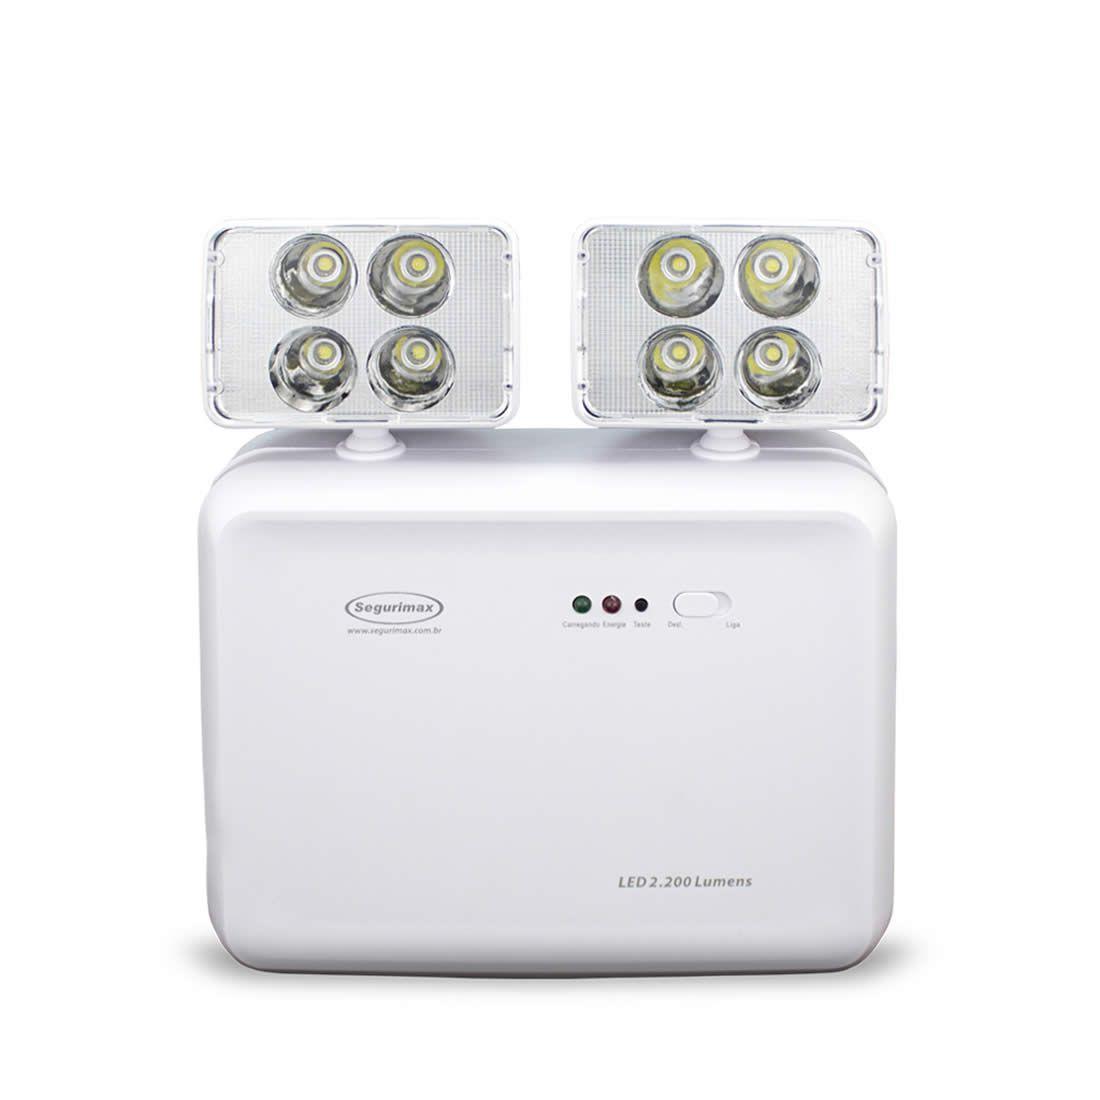 Luminária De Emergência Com 2 Fárois de Leds Bivolt 2.200 Lumens Segurimax